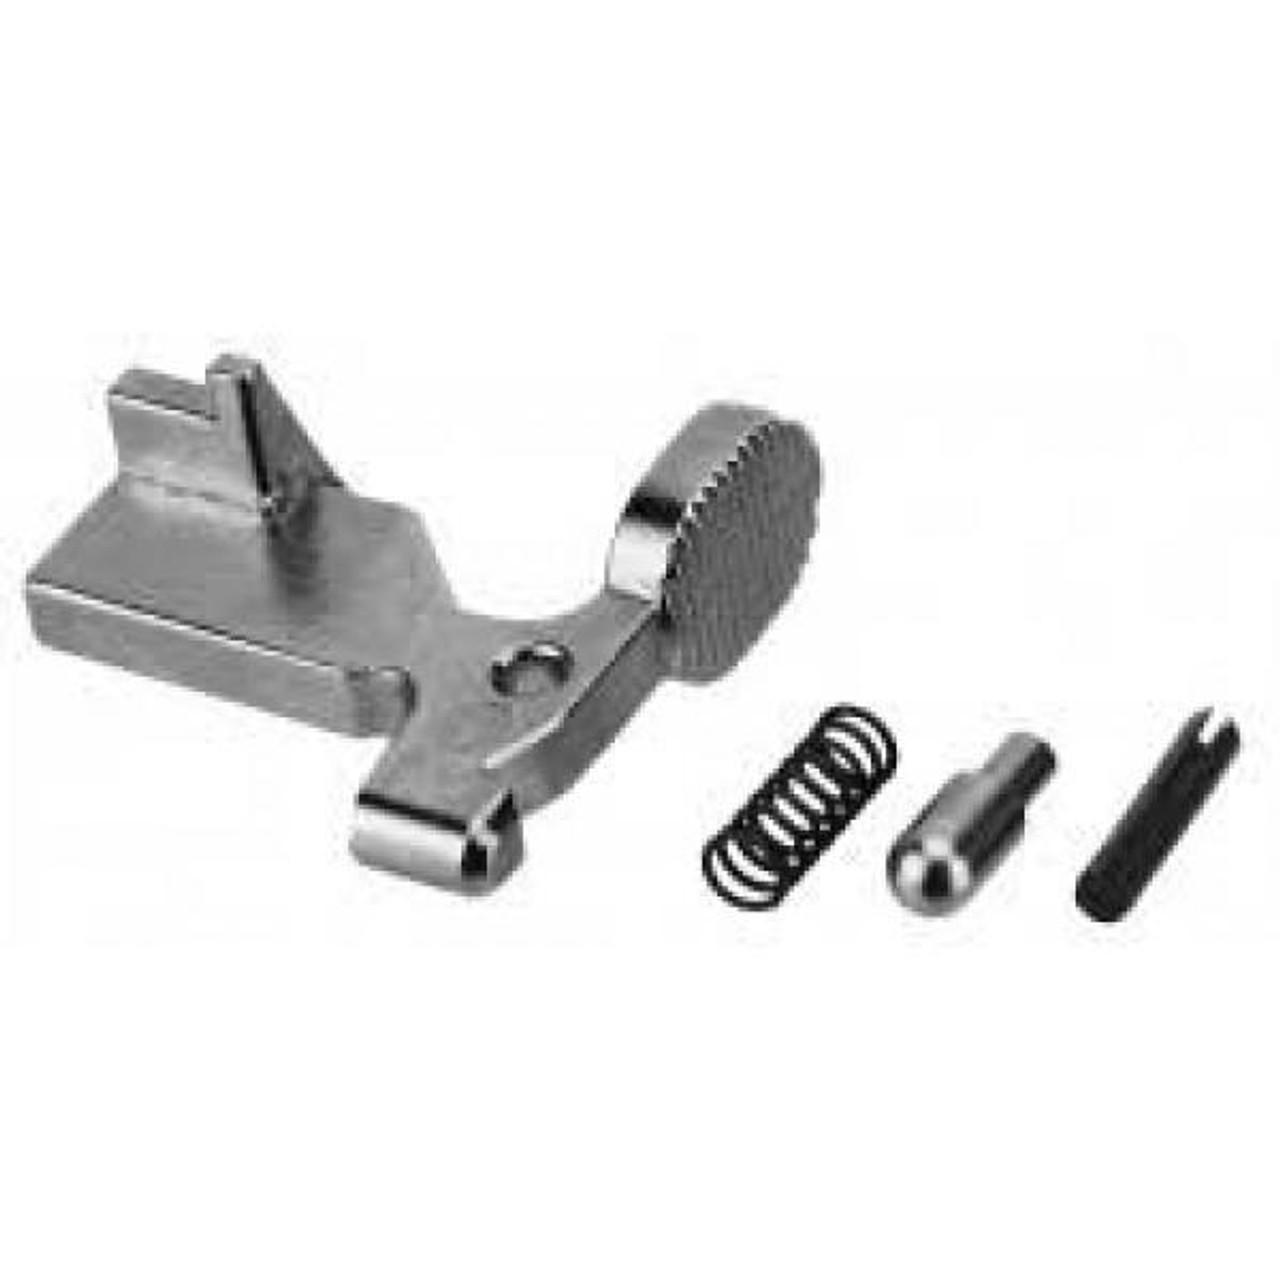 Steel Dual Loop Side 223 Receiver Sling Mount Adapter End Plate US 10x 10 Pack